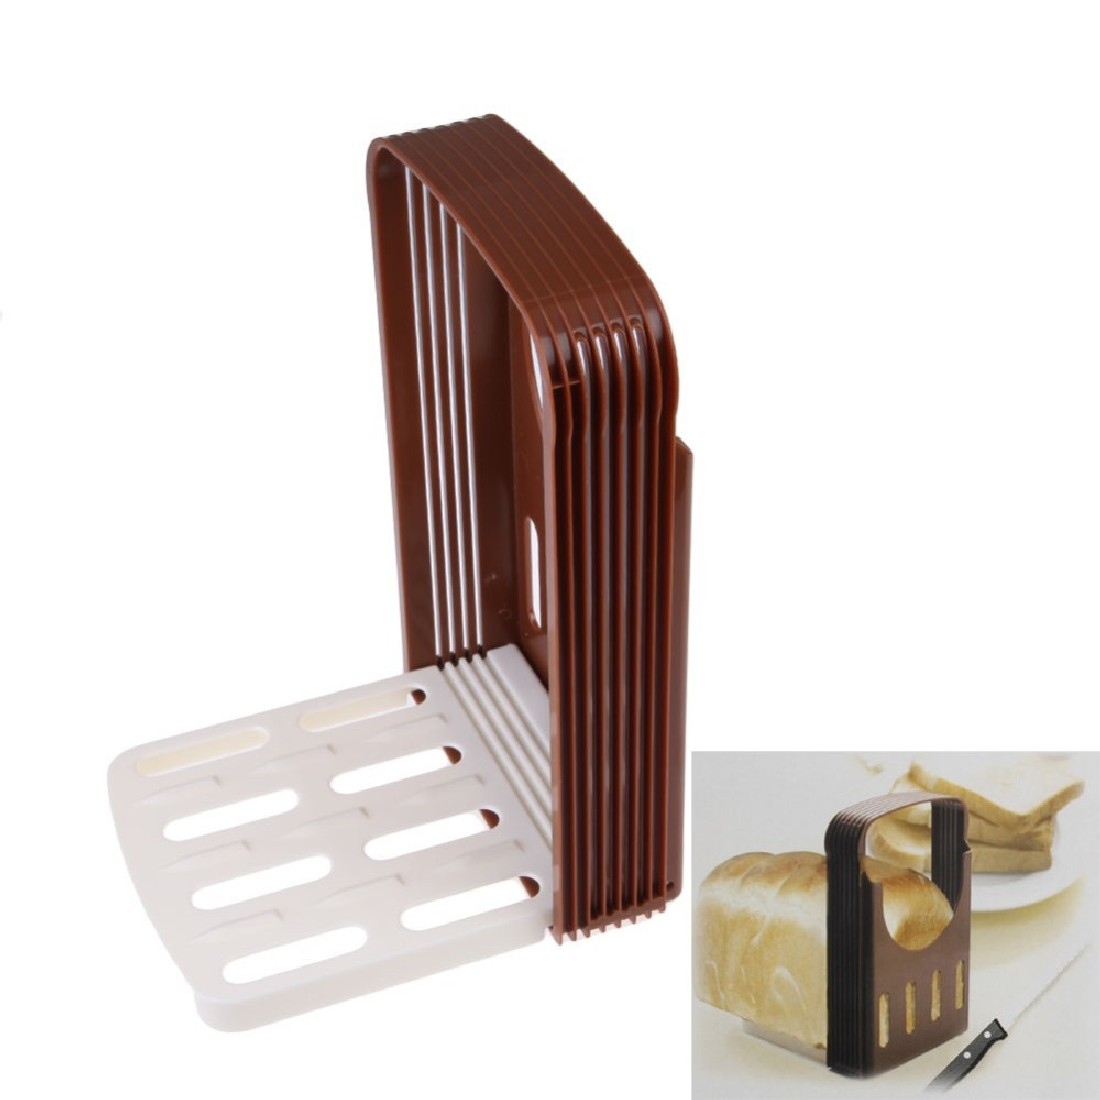 Cozinha DIY Ferramenta Pão Brinde Cortador de Pão Slicer Corte que Corta o Guia Prático Cor Aleatória Brotschneider Pan de corte